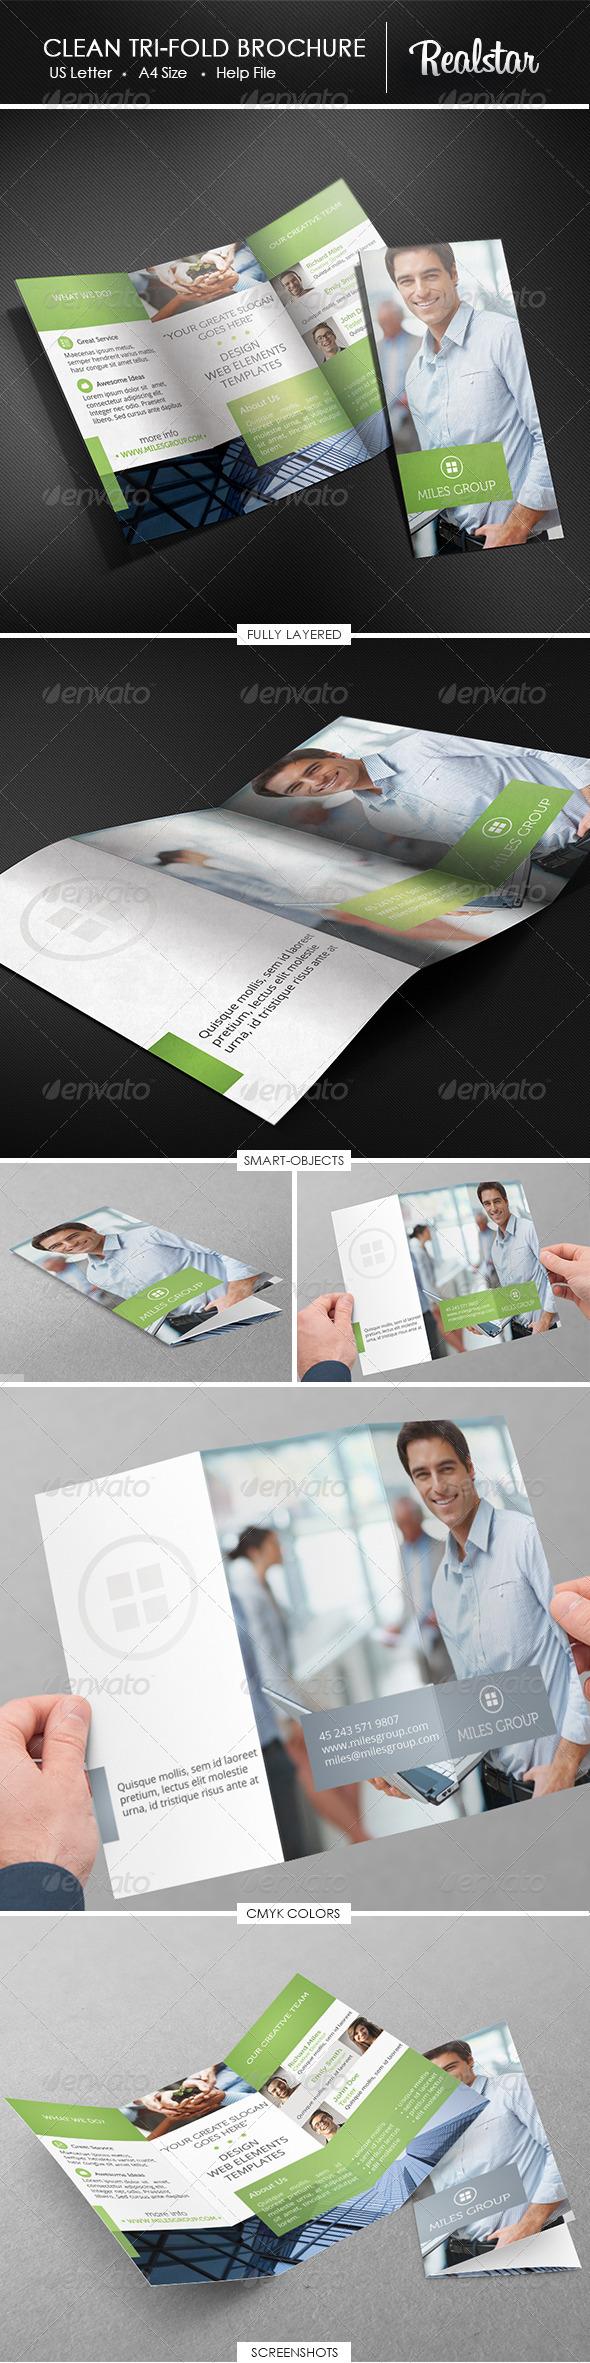 GraphicRiver Clean Corporate Tri-fold Brochure 4658115